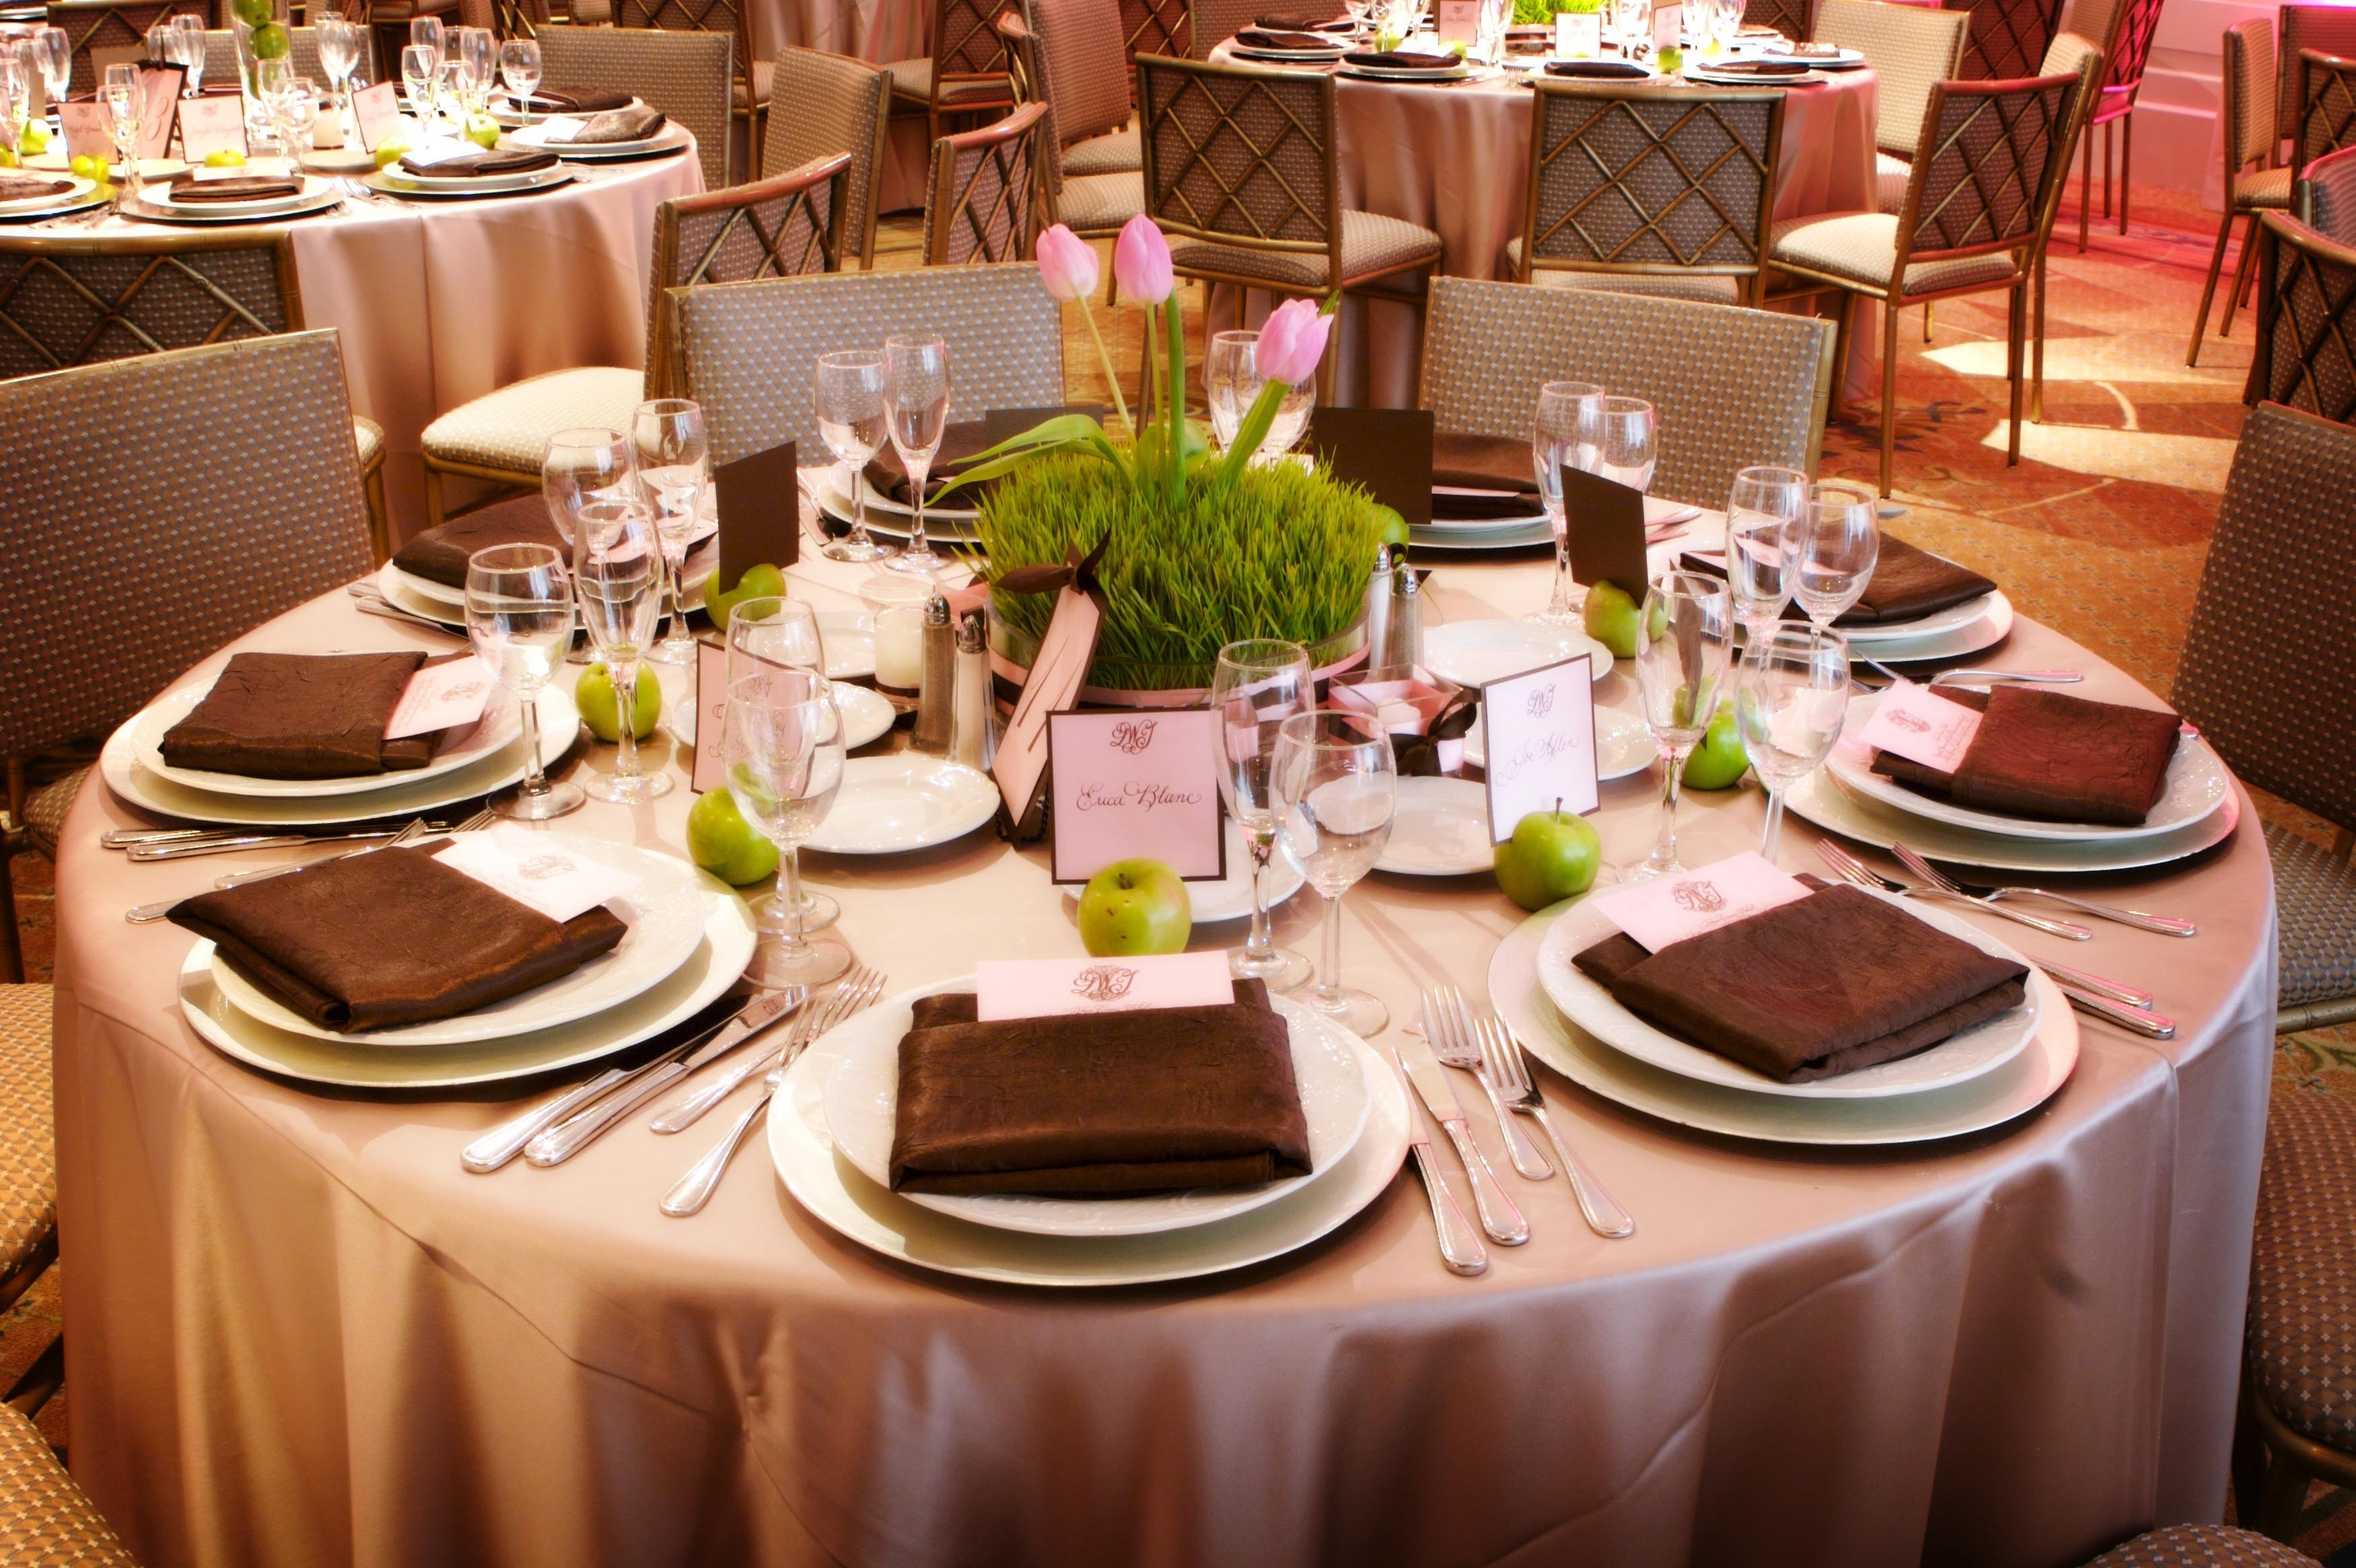 Avoir un bon plan de table - Edith Magazine